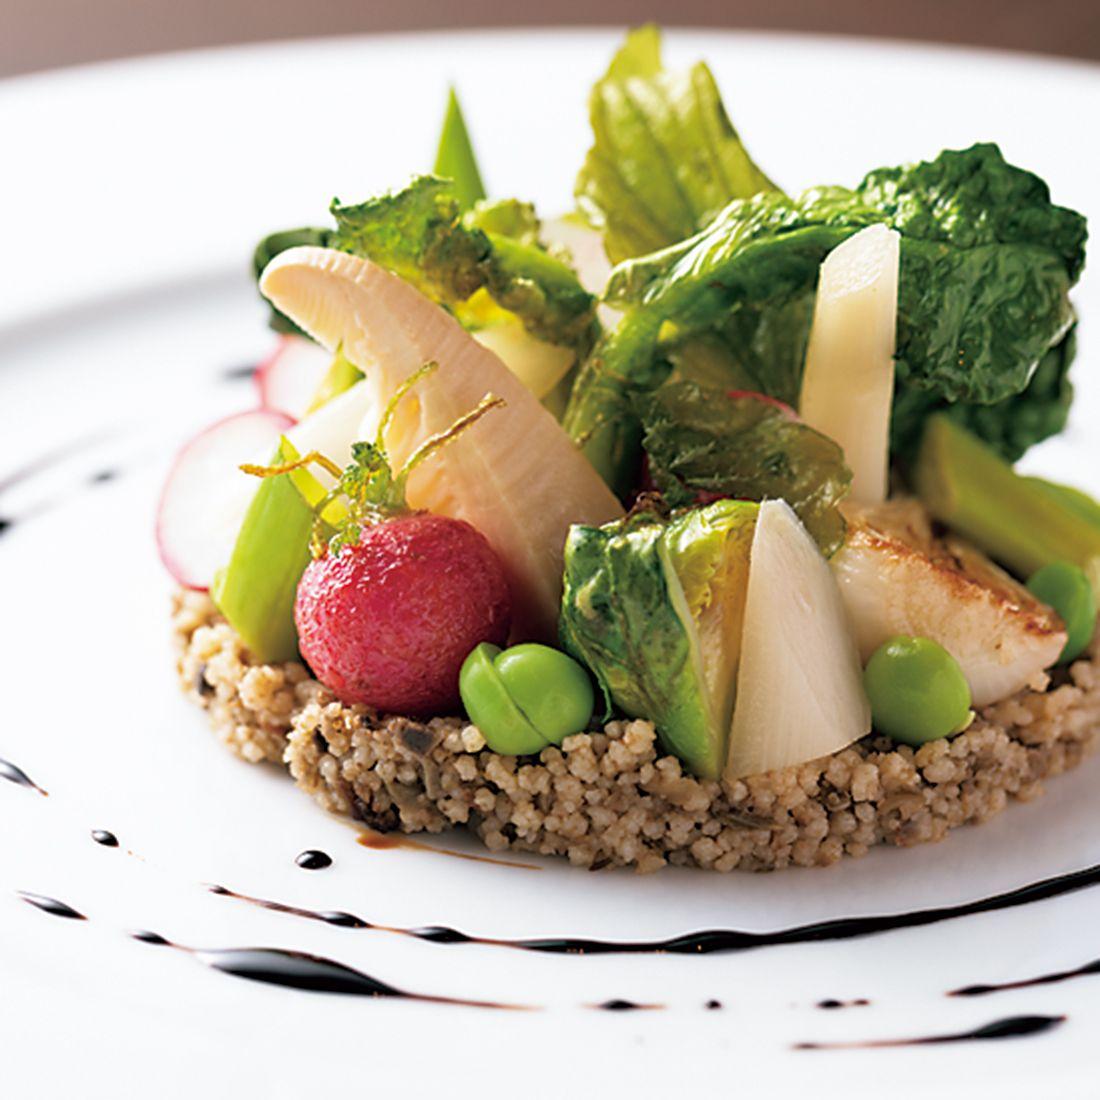 「春野菜のデクリネゾンクスクスとフキノトウ入りタプナードのサラダ」